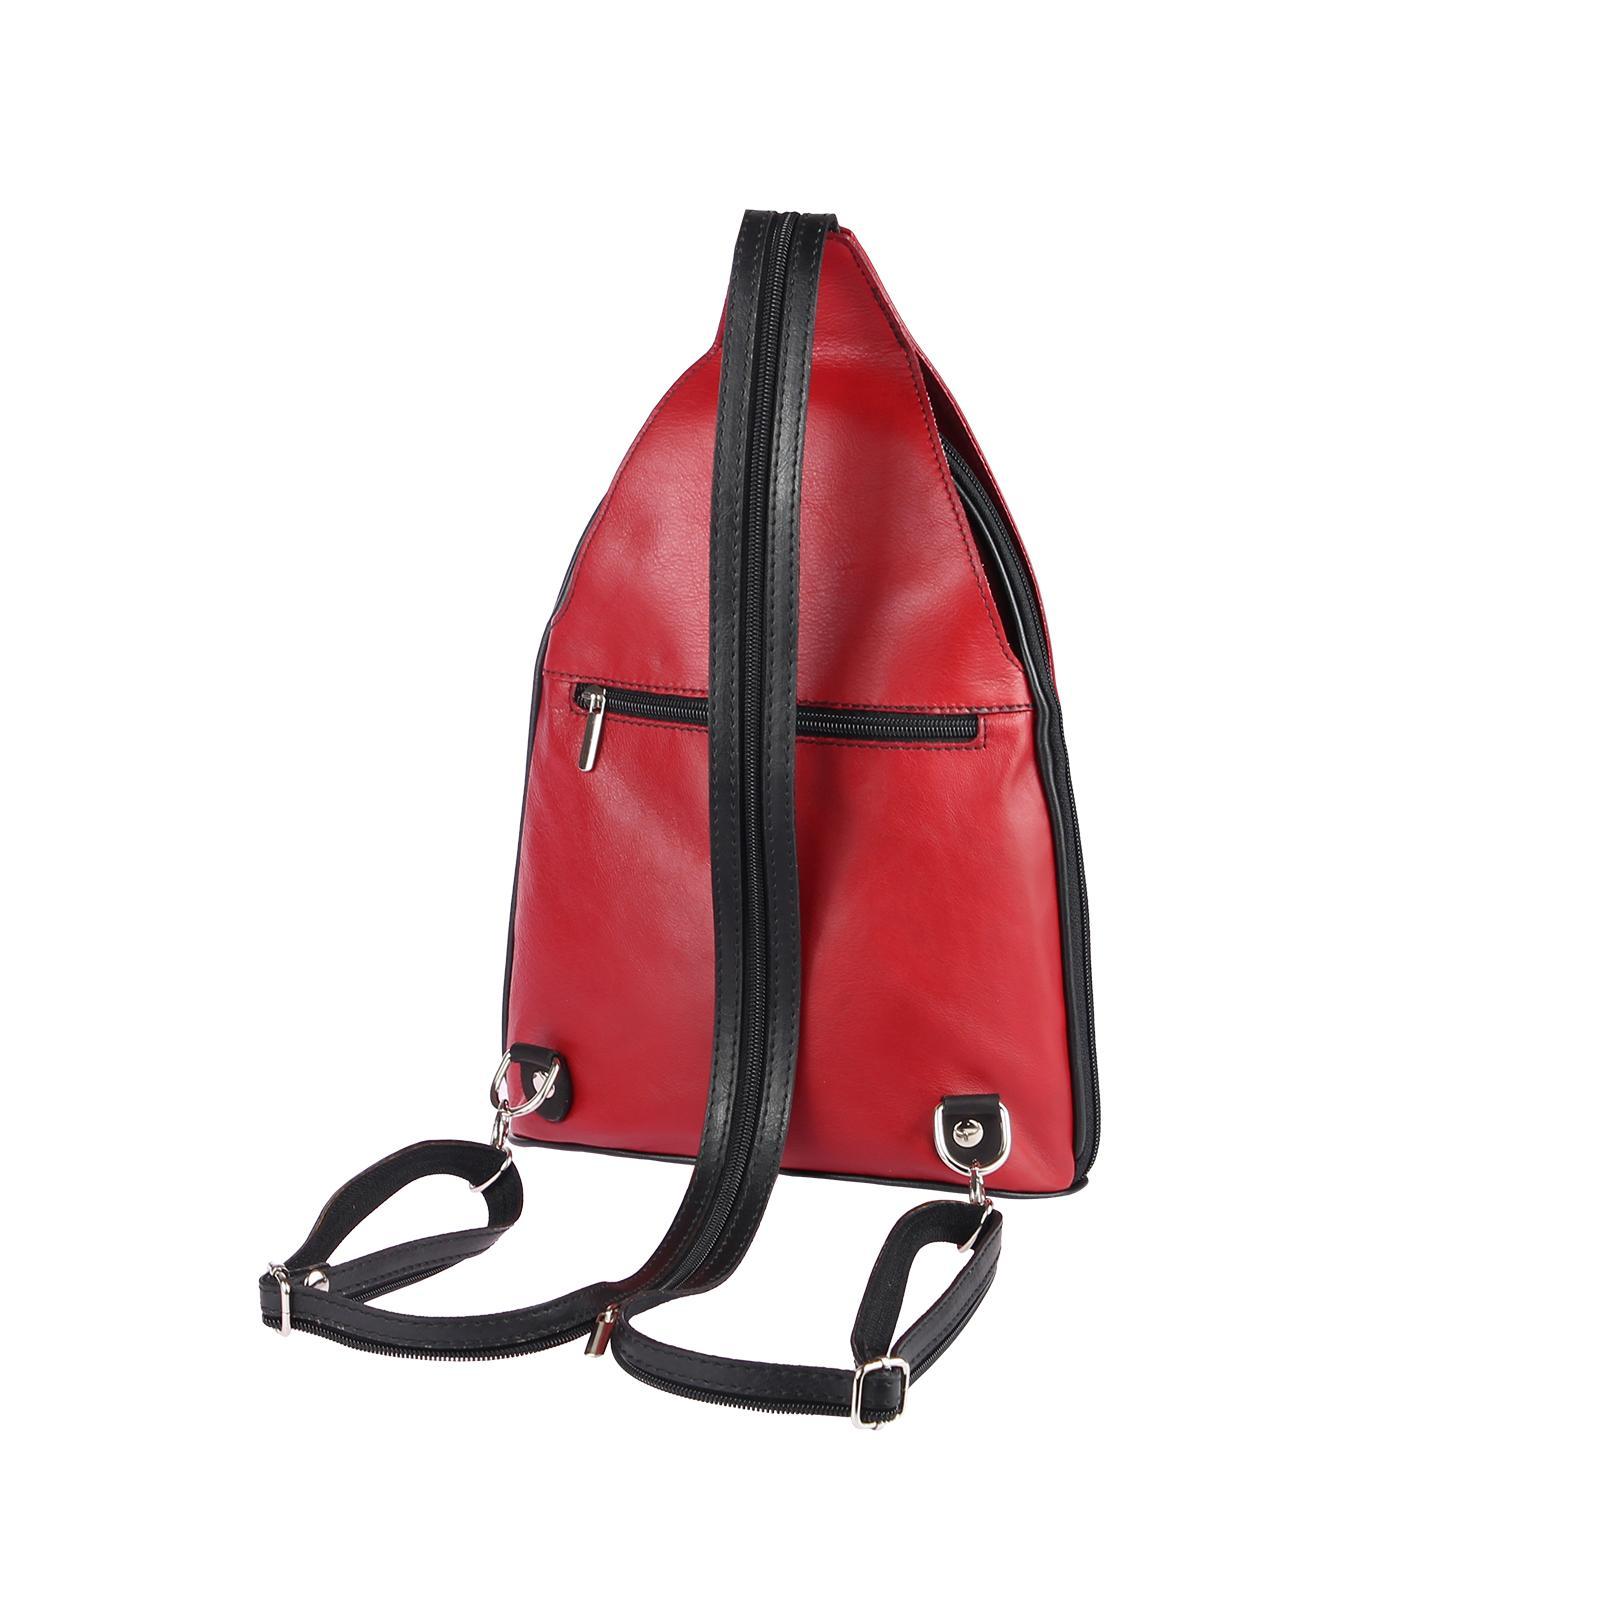 ITALY-DAMEN-LEDER-RUCKSACK-Schulter-Tasche-Reise-BACKPACK-Lederrucksack-it-BAG Indexbild 34